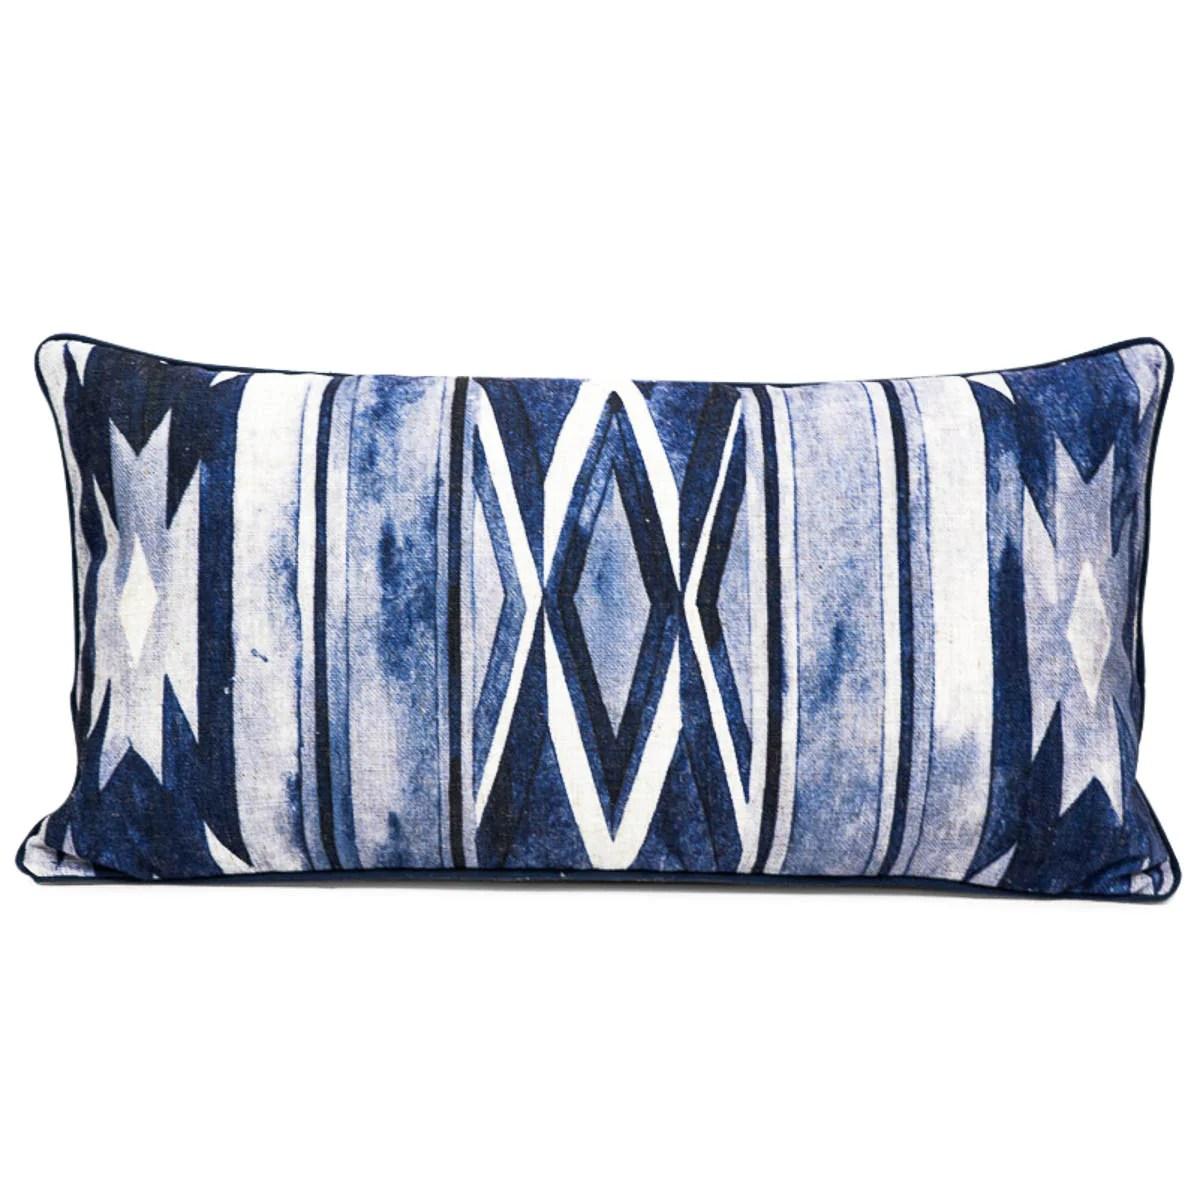 southwest lumbar pillow in navy blue